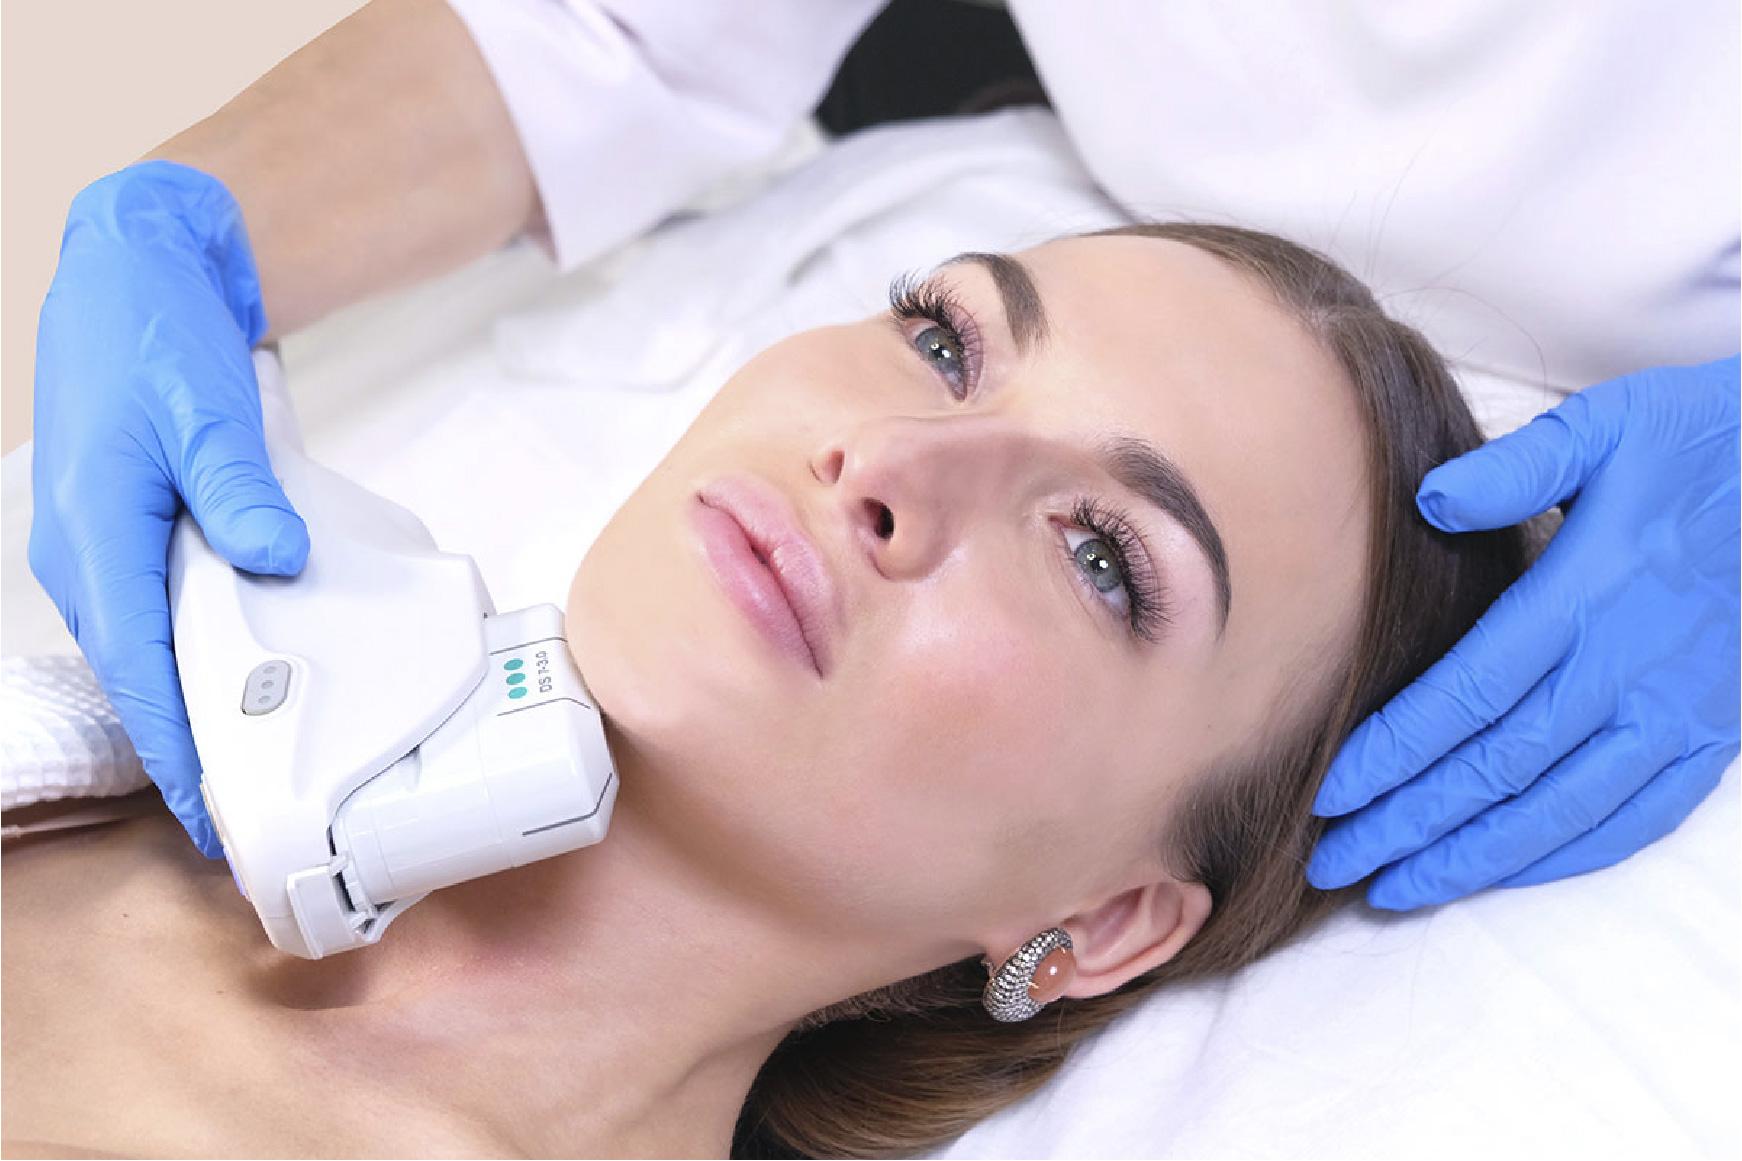 Аппарат для ультразвукового smas-лифтинга лица doublo и 5 его аналогов